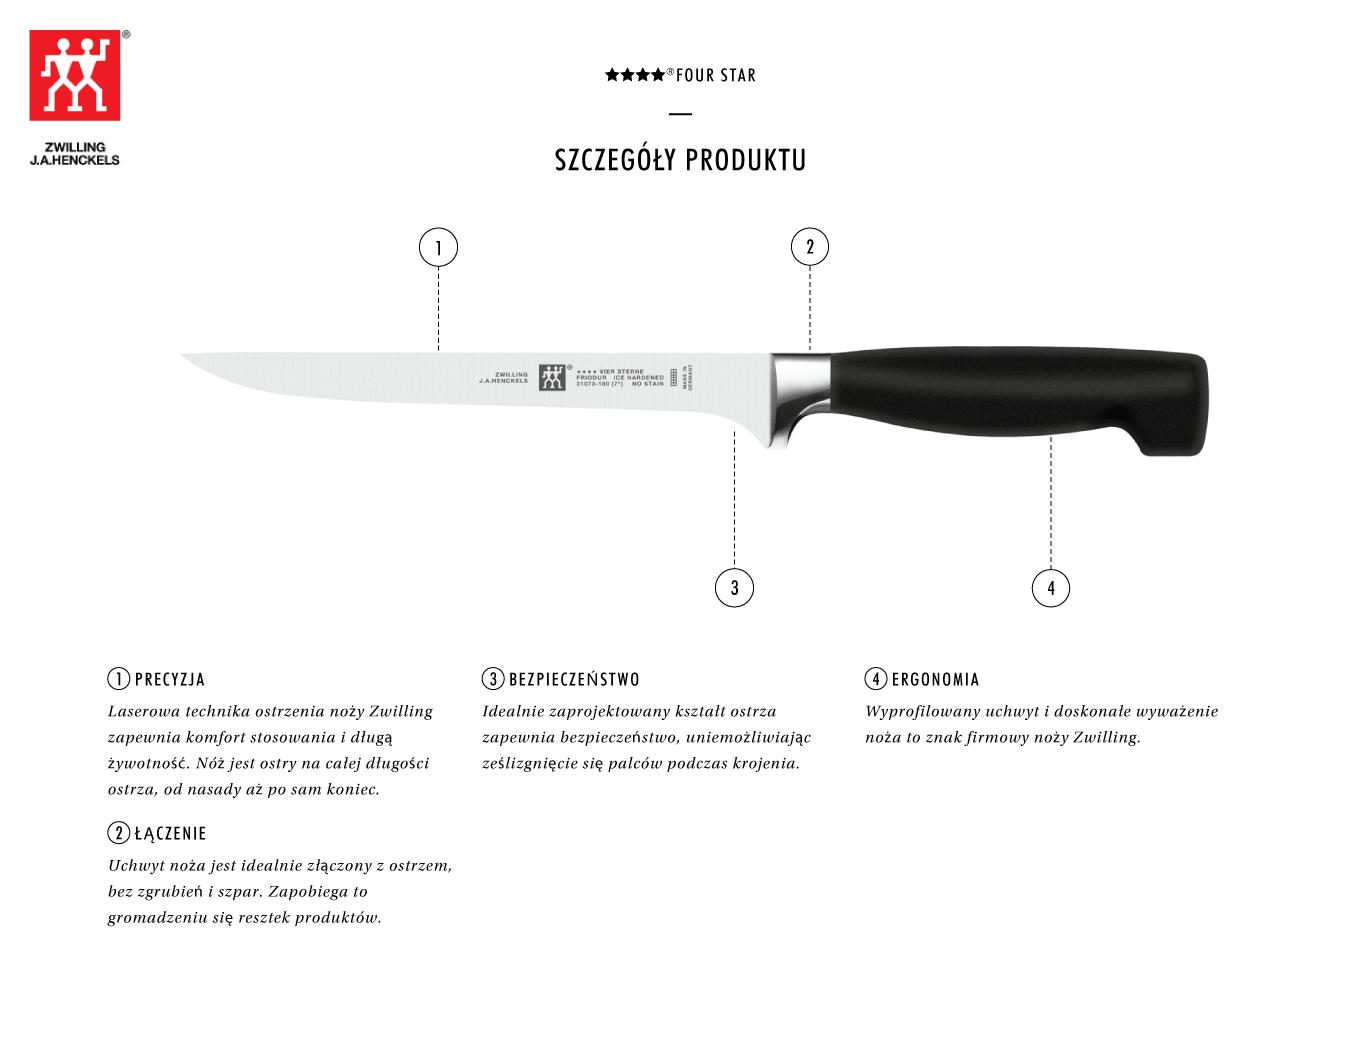 Dlaczego warto kupić nóż do filetowania Zwilling ★★★★ ®FOUR STAR?